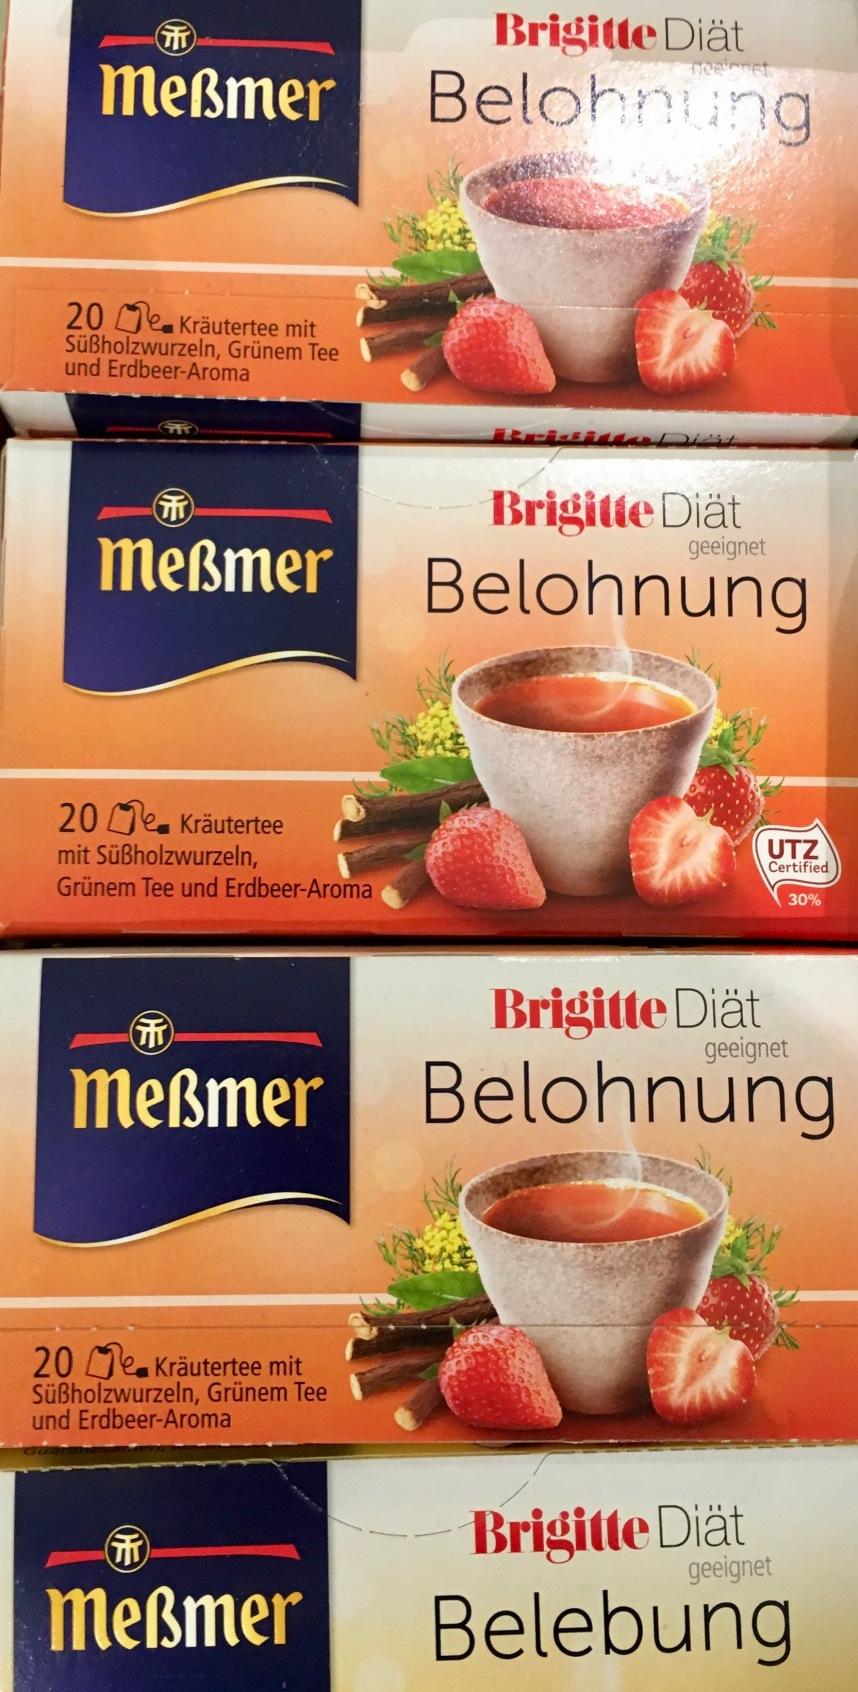 Meßmer Tee Brigitta Diät Belohnung Belebung